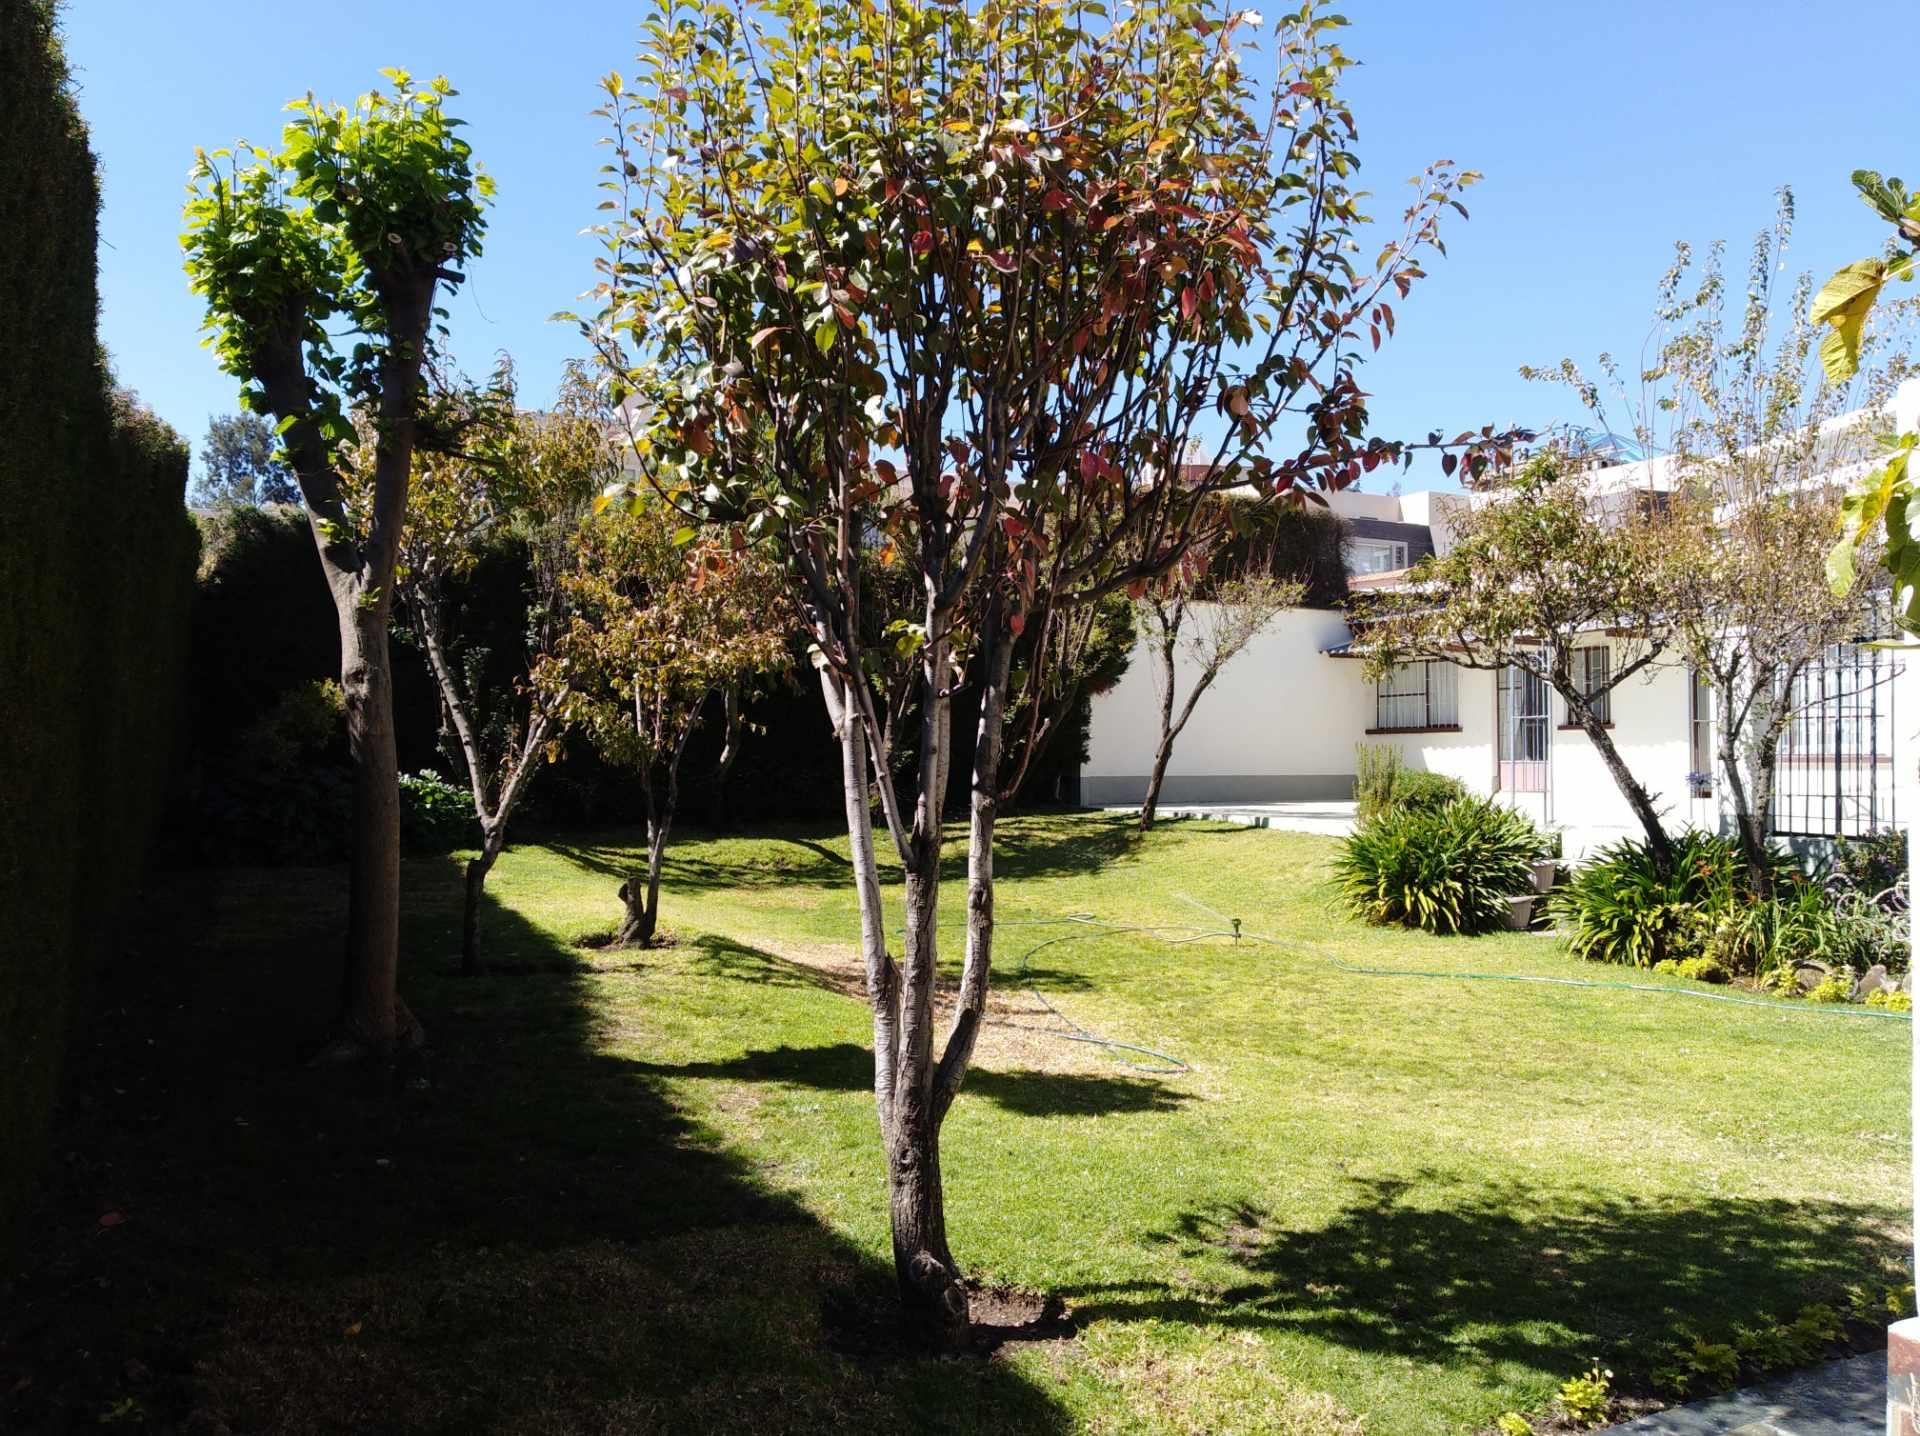 Casa en Alquiler CALACOTO calle 16 a 1/2 cuadra de la Av. Julio C. Patiño.  Foto 5